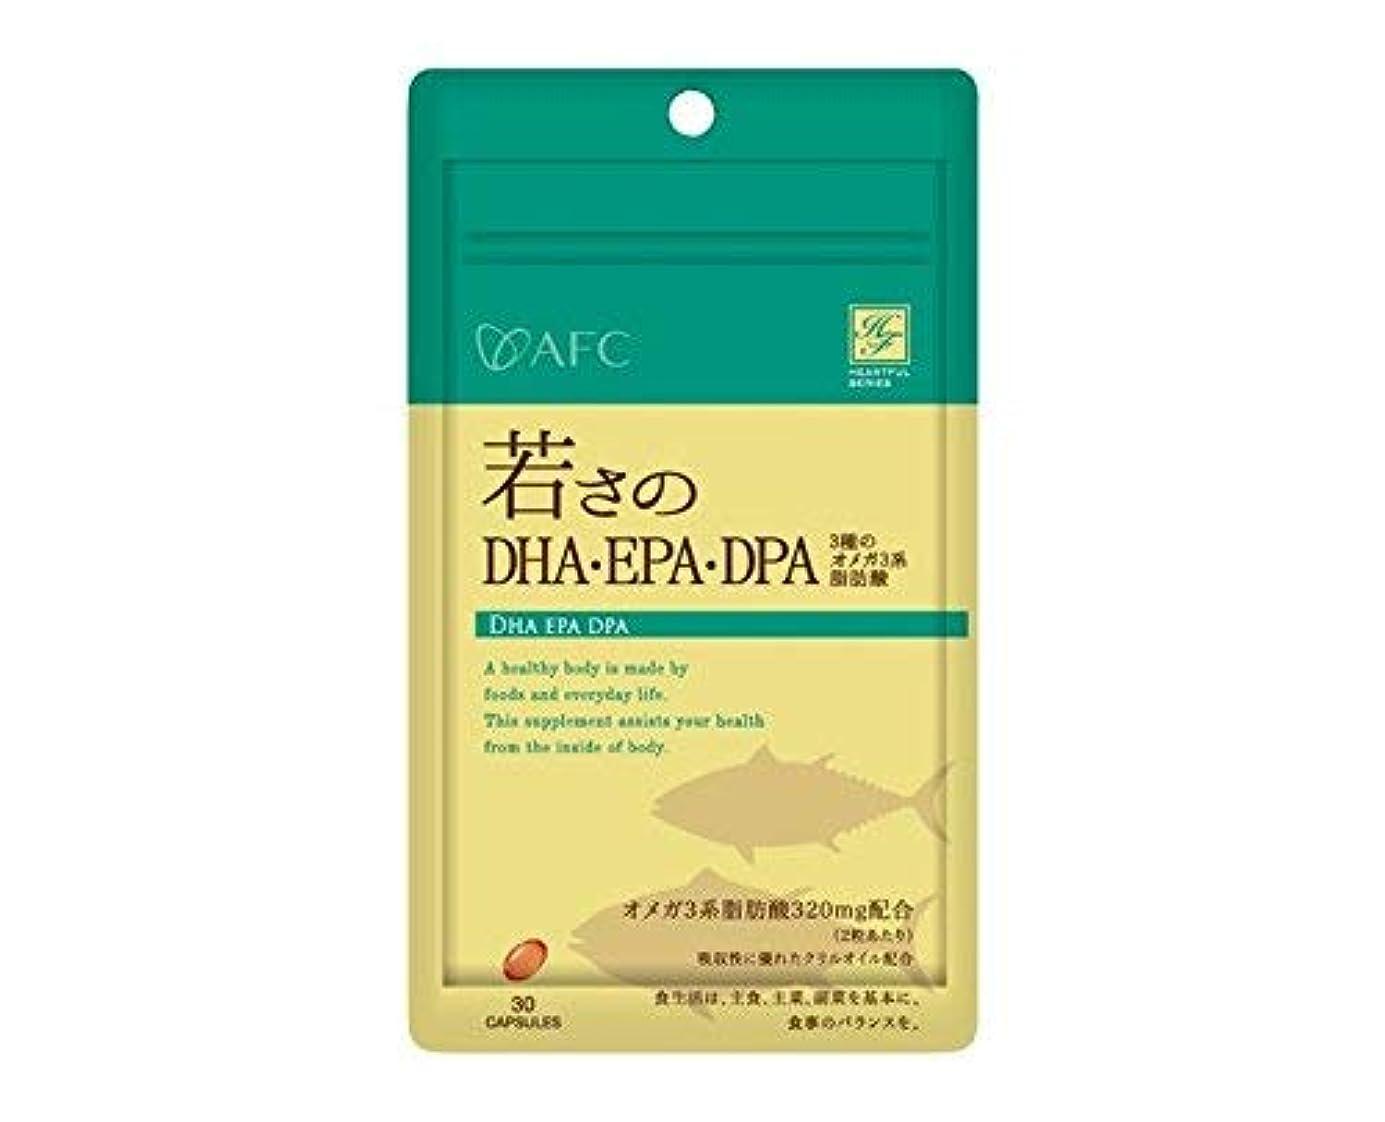 言語逸話寄生虫エーエフシー ハートフル 若さのDHA?EPA?DPA30粒 × 8個セット